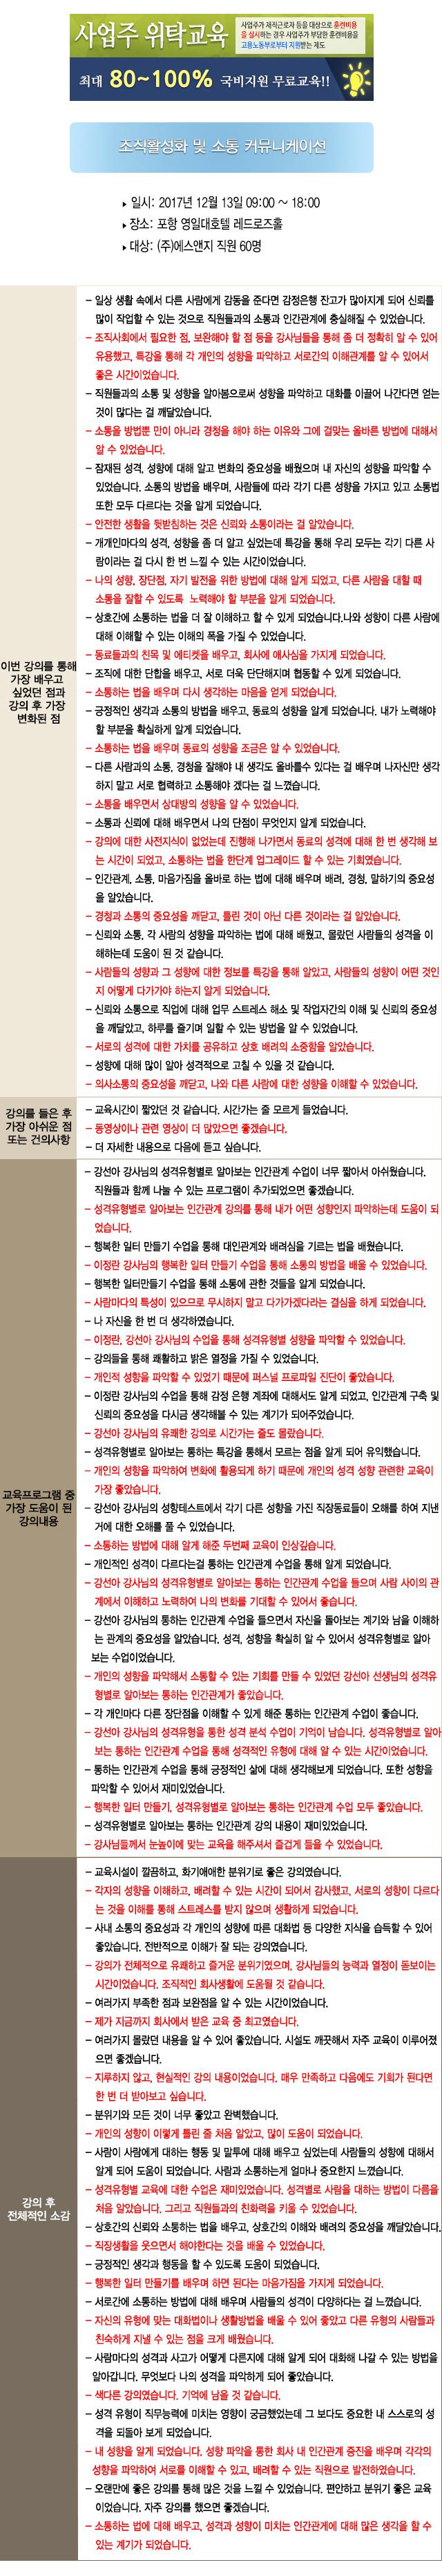 한국중앙인재개발원 후기 에스앤지B.jpg